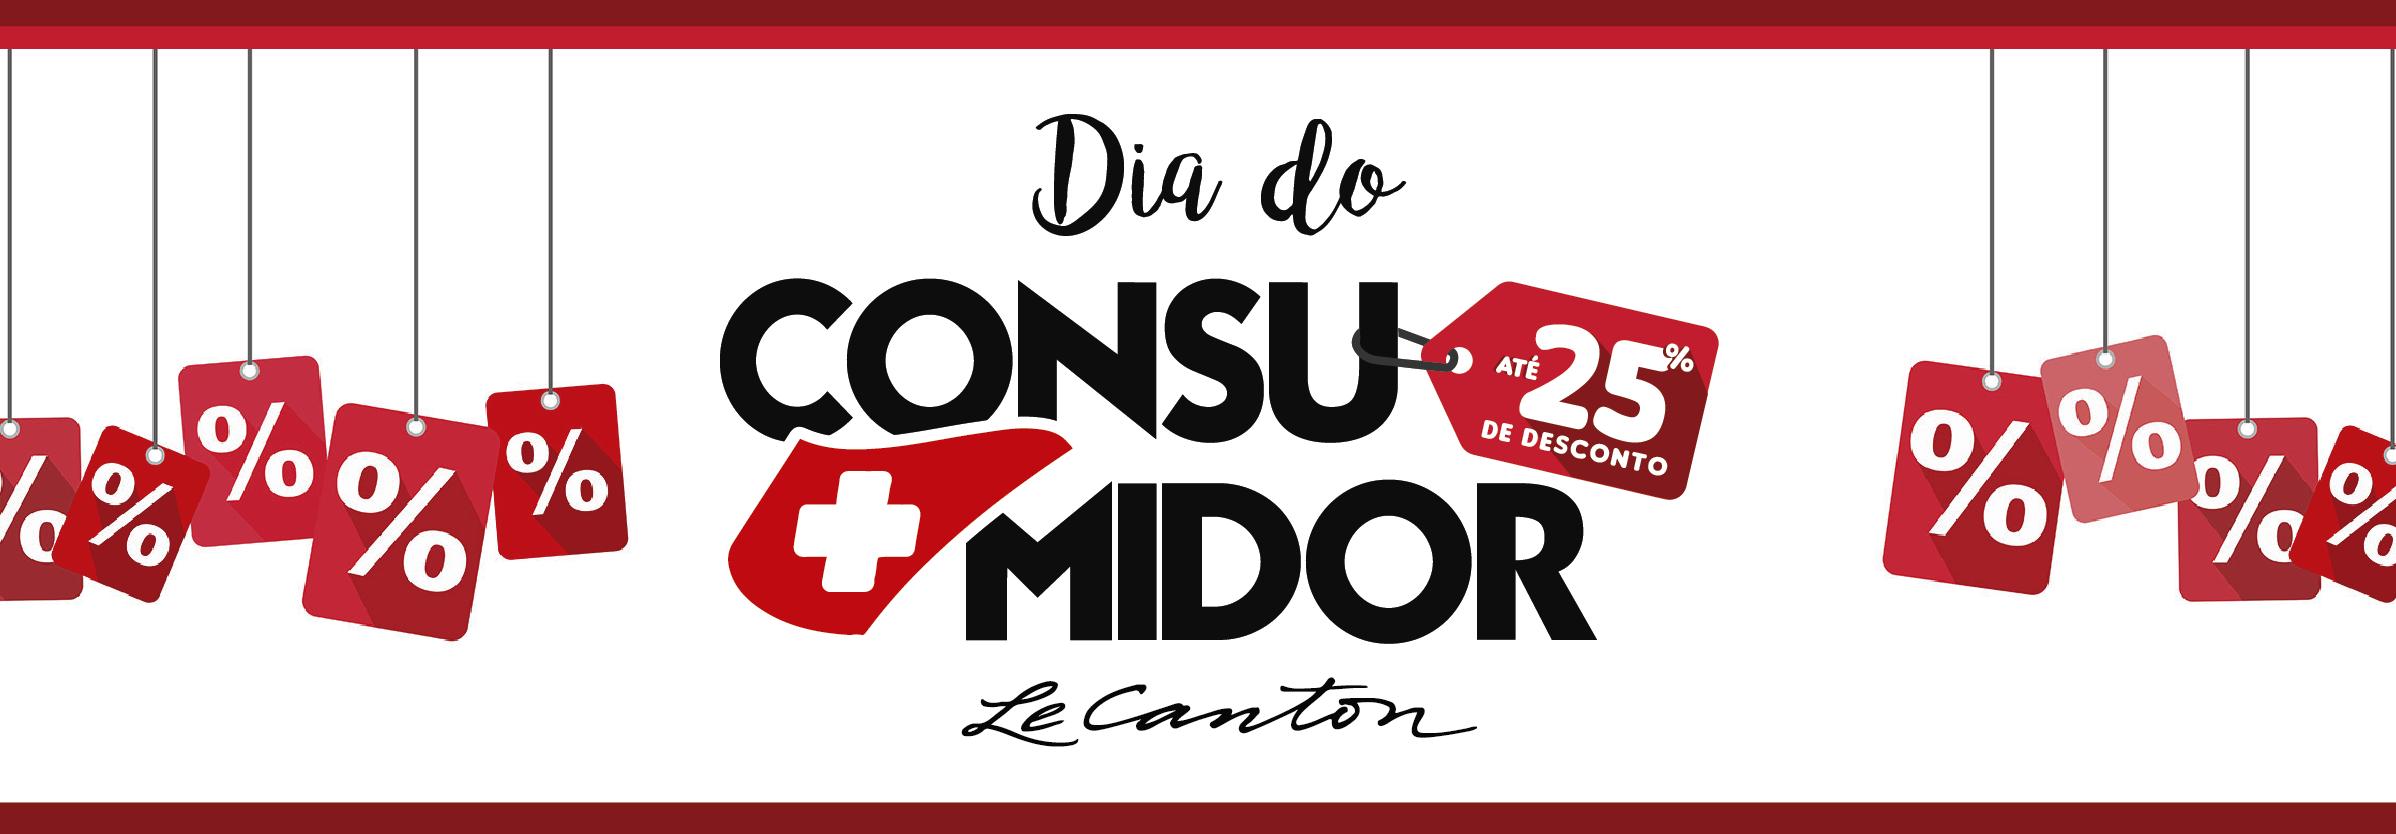 Promoção Dia do Consumidor: em 2019, se hospede no Le Canton com até 25% de desconto!